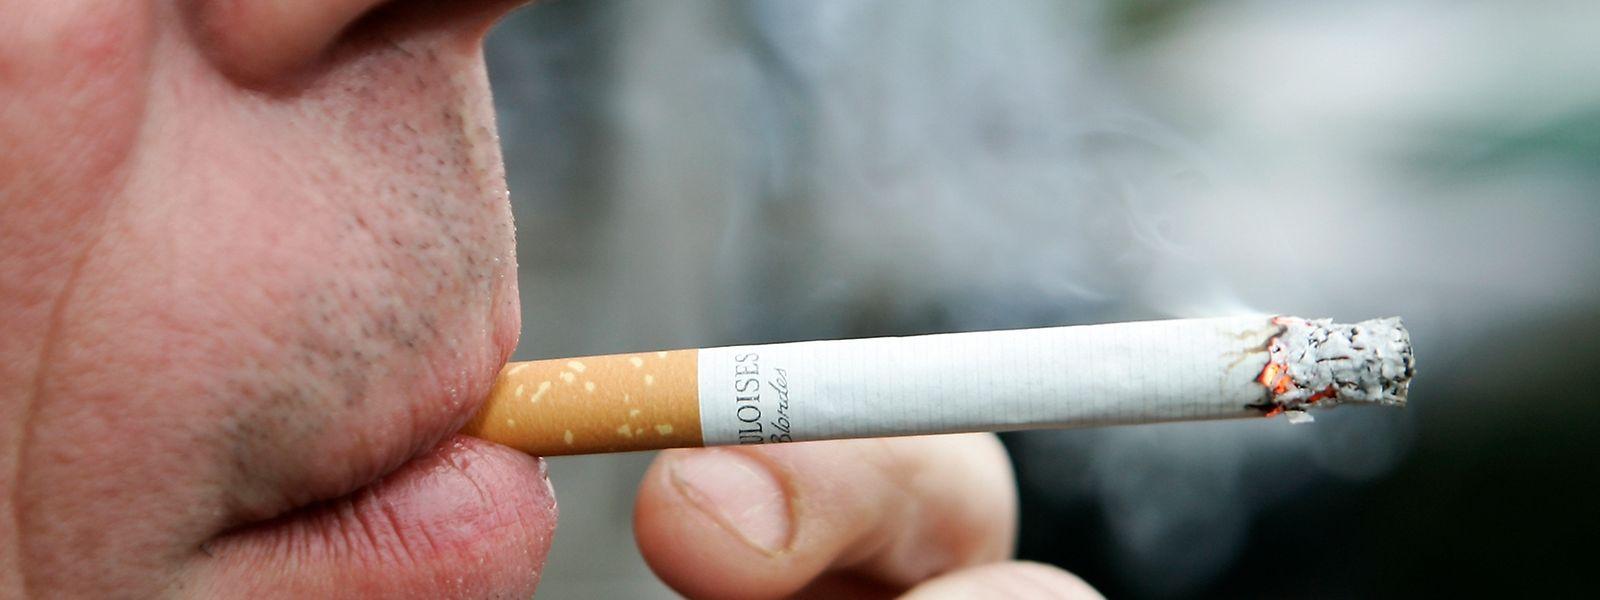 Jeder Fünfte Luxemburger raucht regelmäßig Zigaretten.